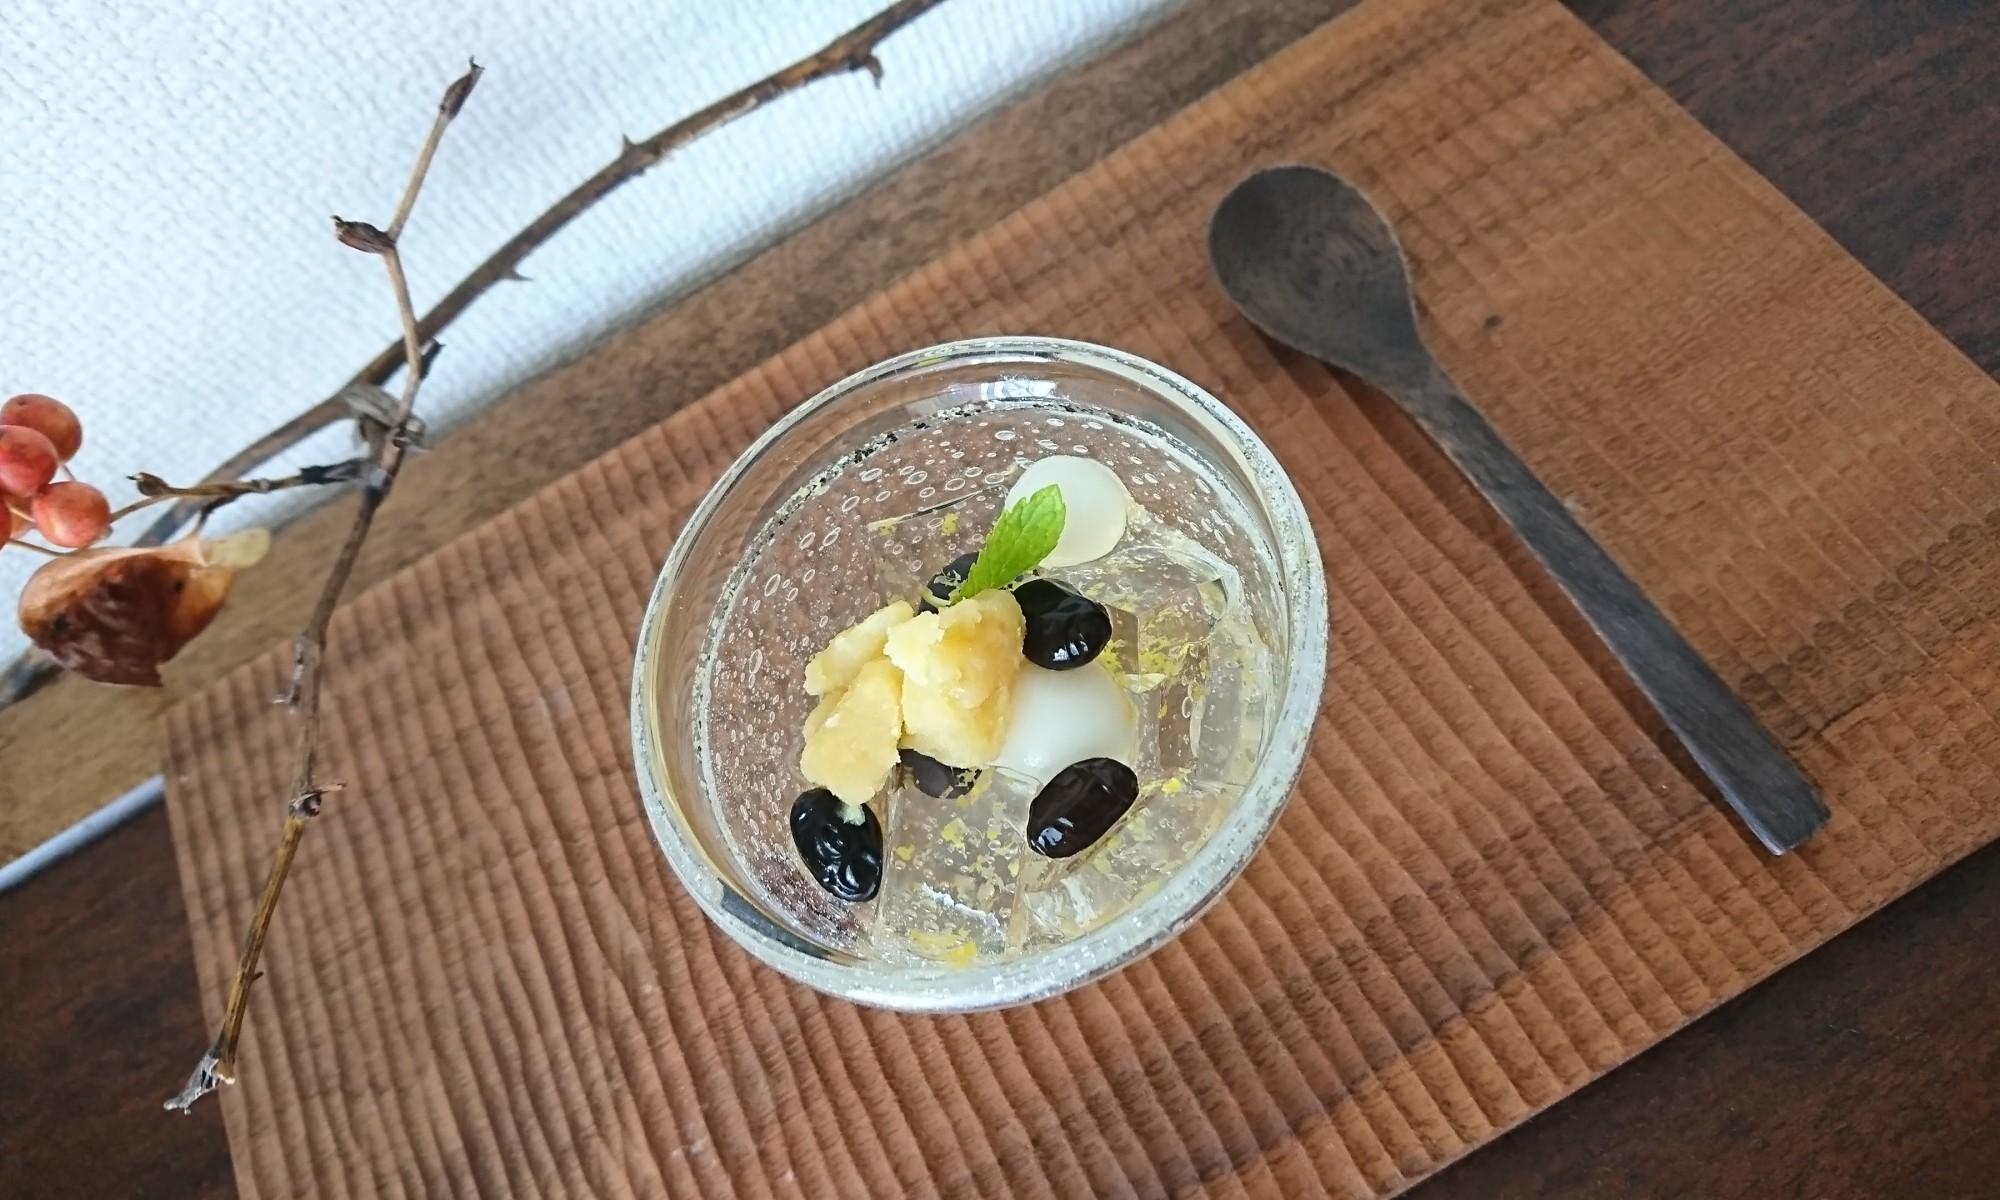 柚子ゼリーと黒豆・白玉団子・栗きんとんが盛り付けられたガラスの器が木盆に